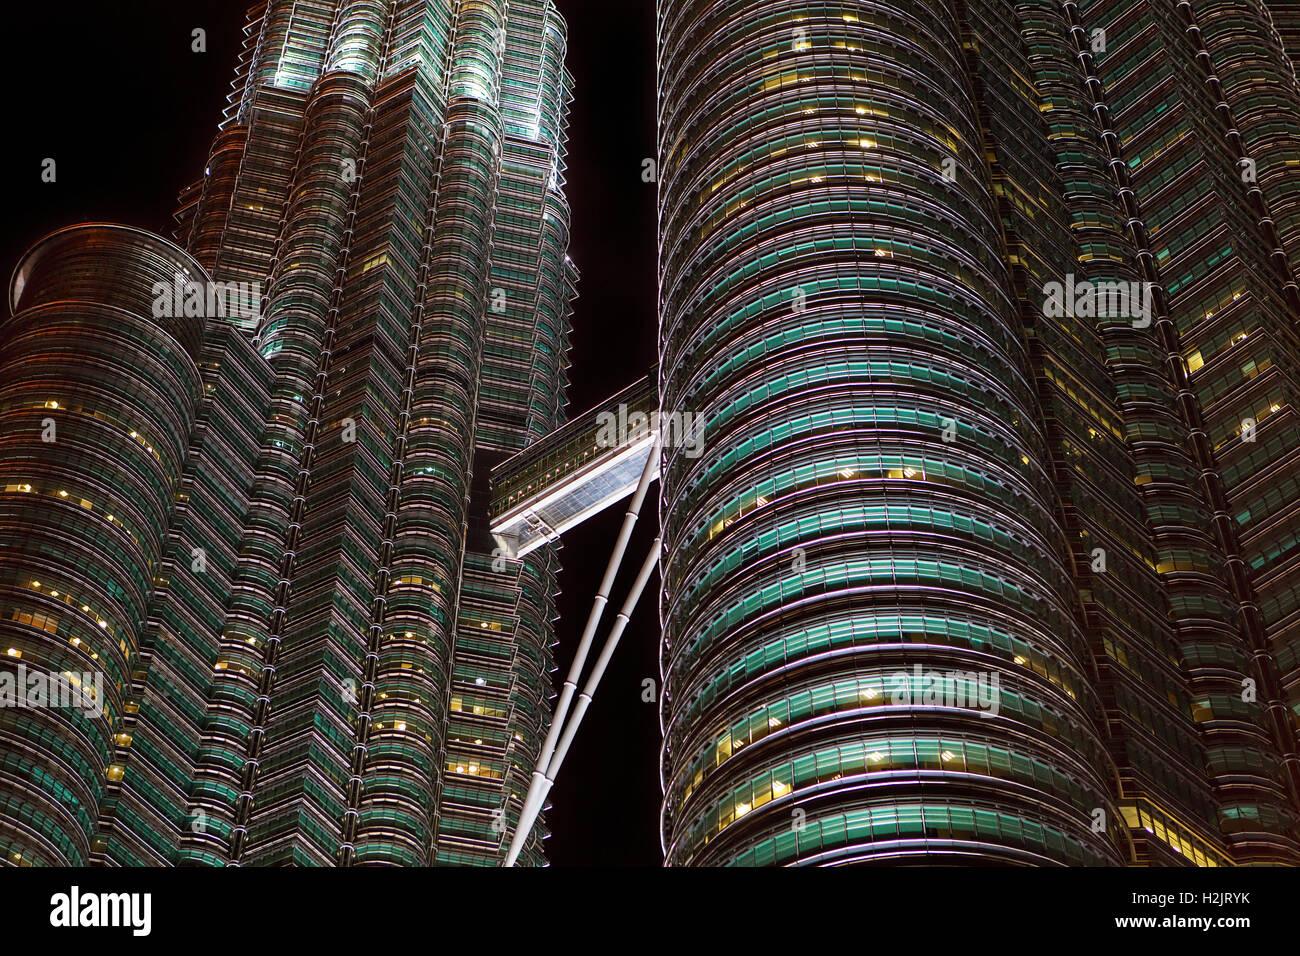 Skybridge on the Petronas Twin Towers in Kuala Lumpur, Malaysia. - Stock Image